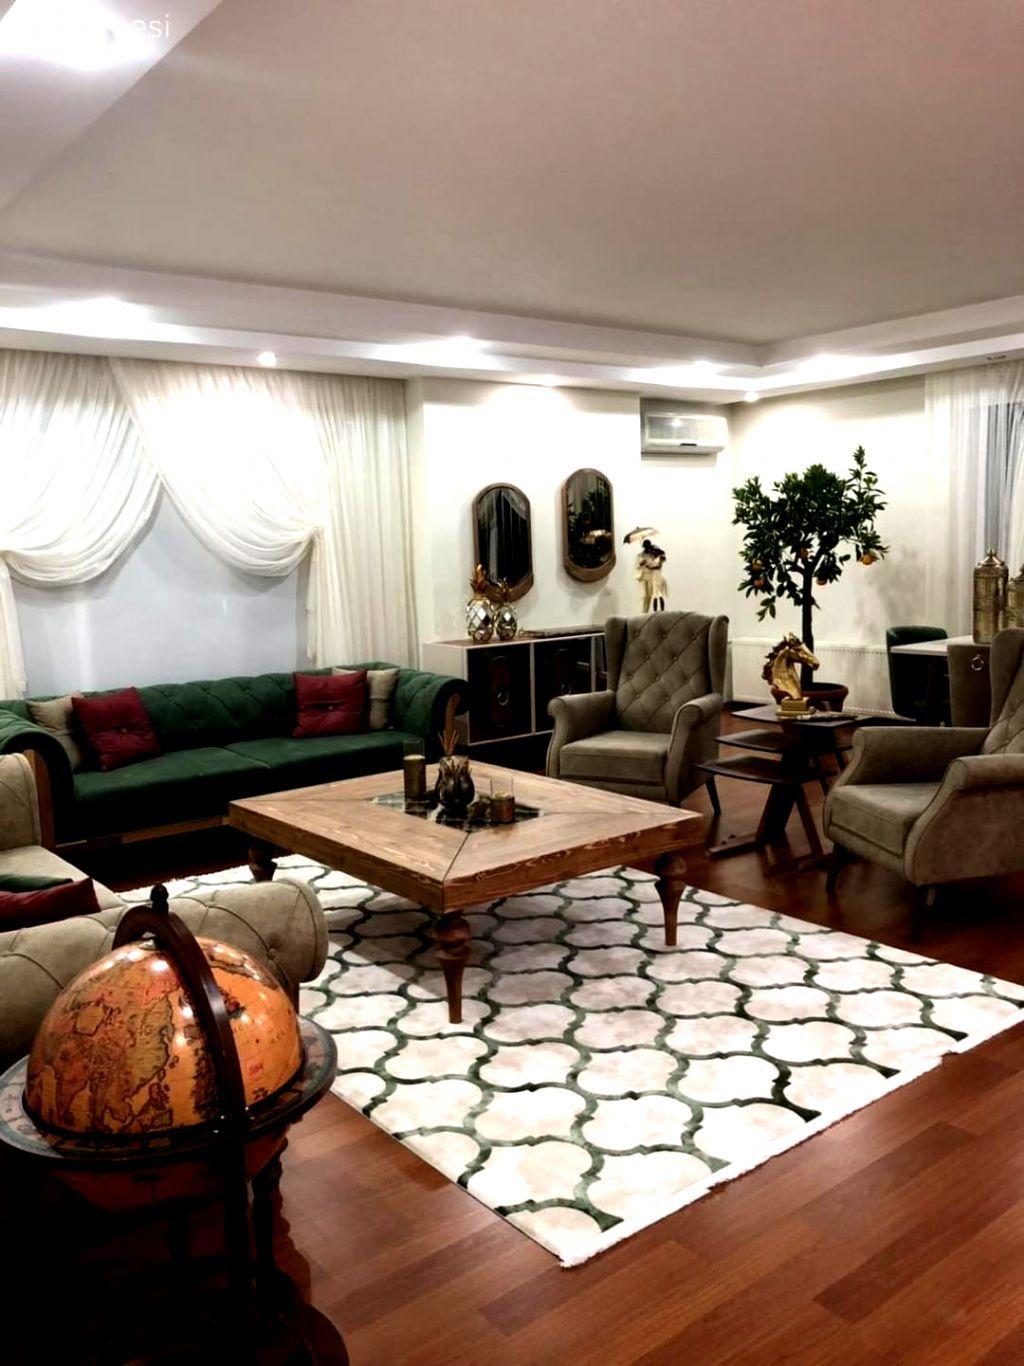 Salon Yesil Kruvaze Perde Weltew Mobilya Berjer Krem O In 2020 Home Decor Styles Living Room Design Modern Home